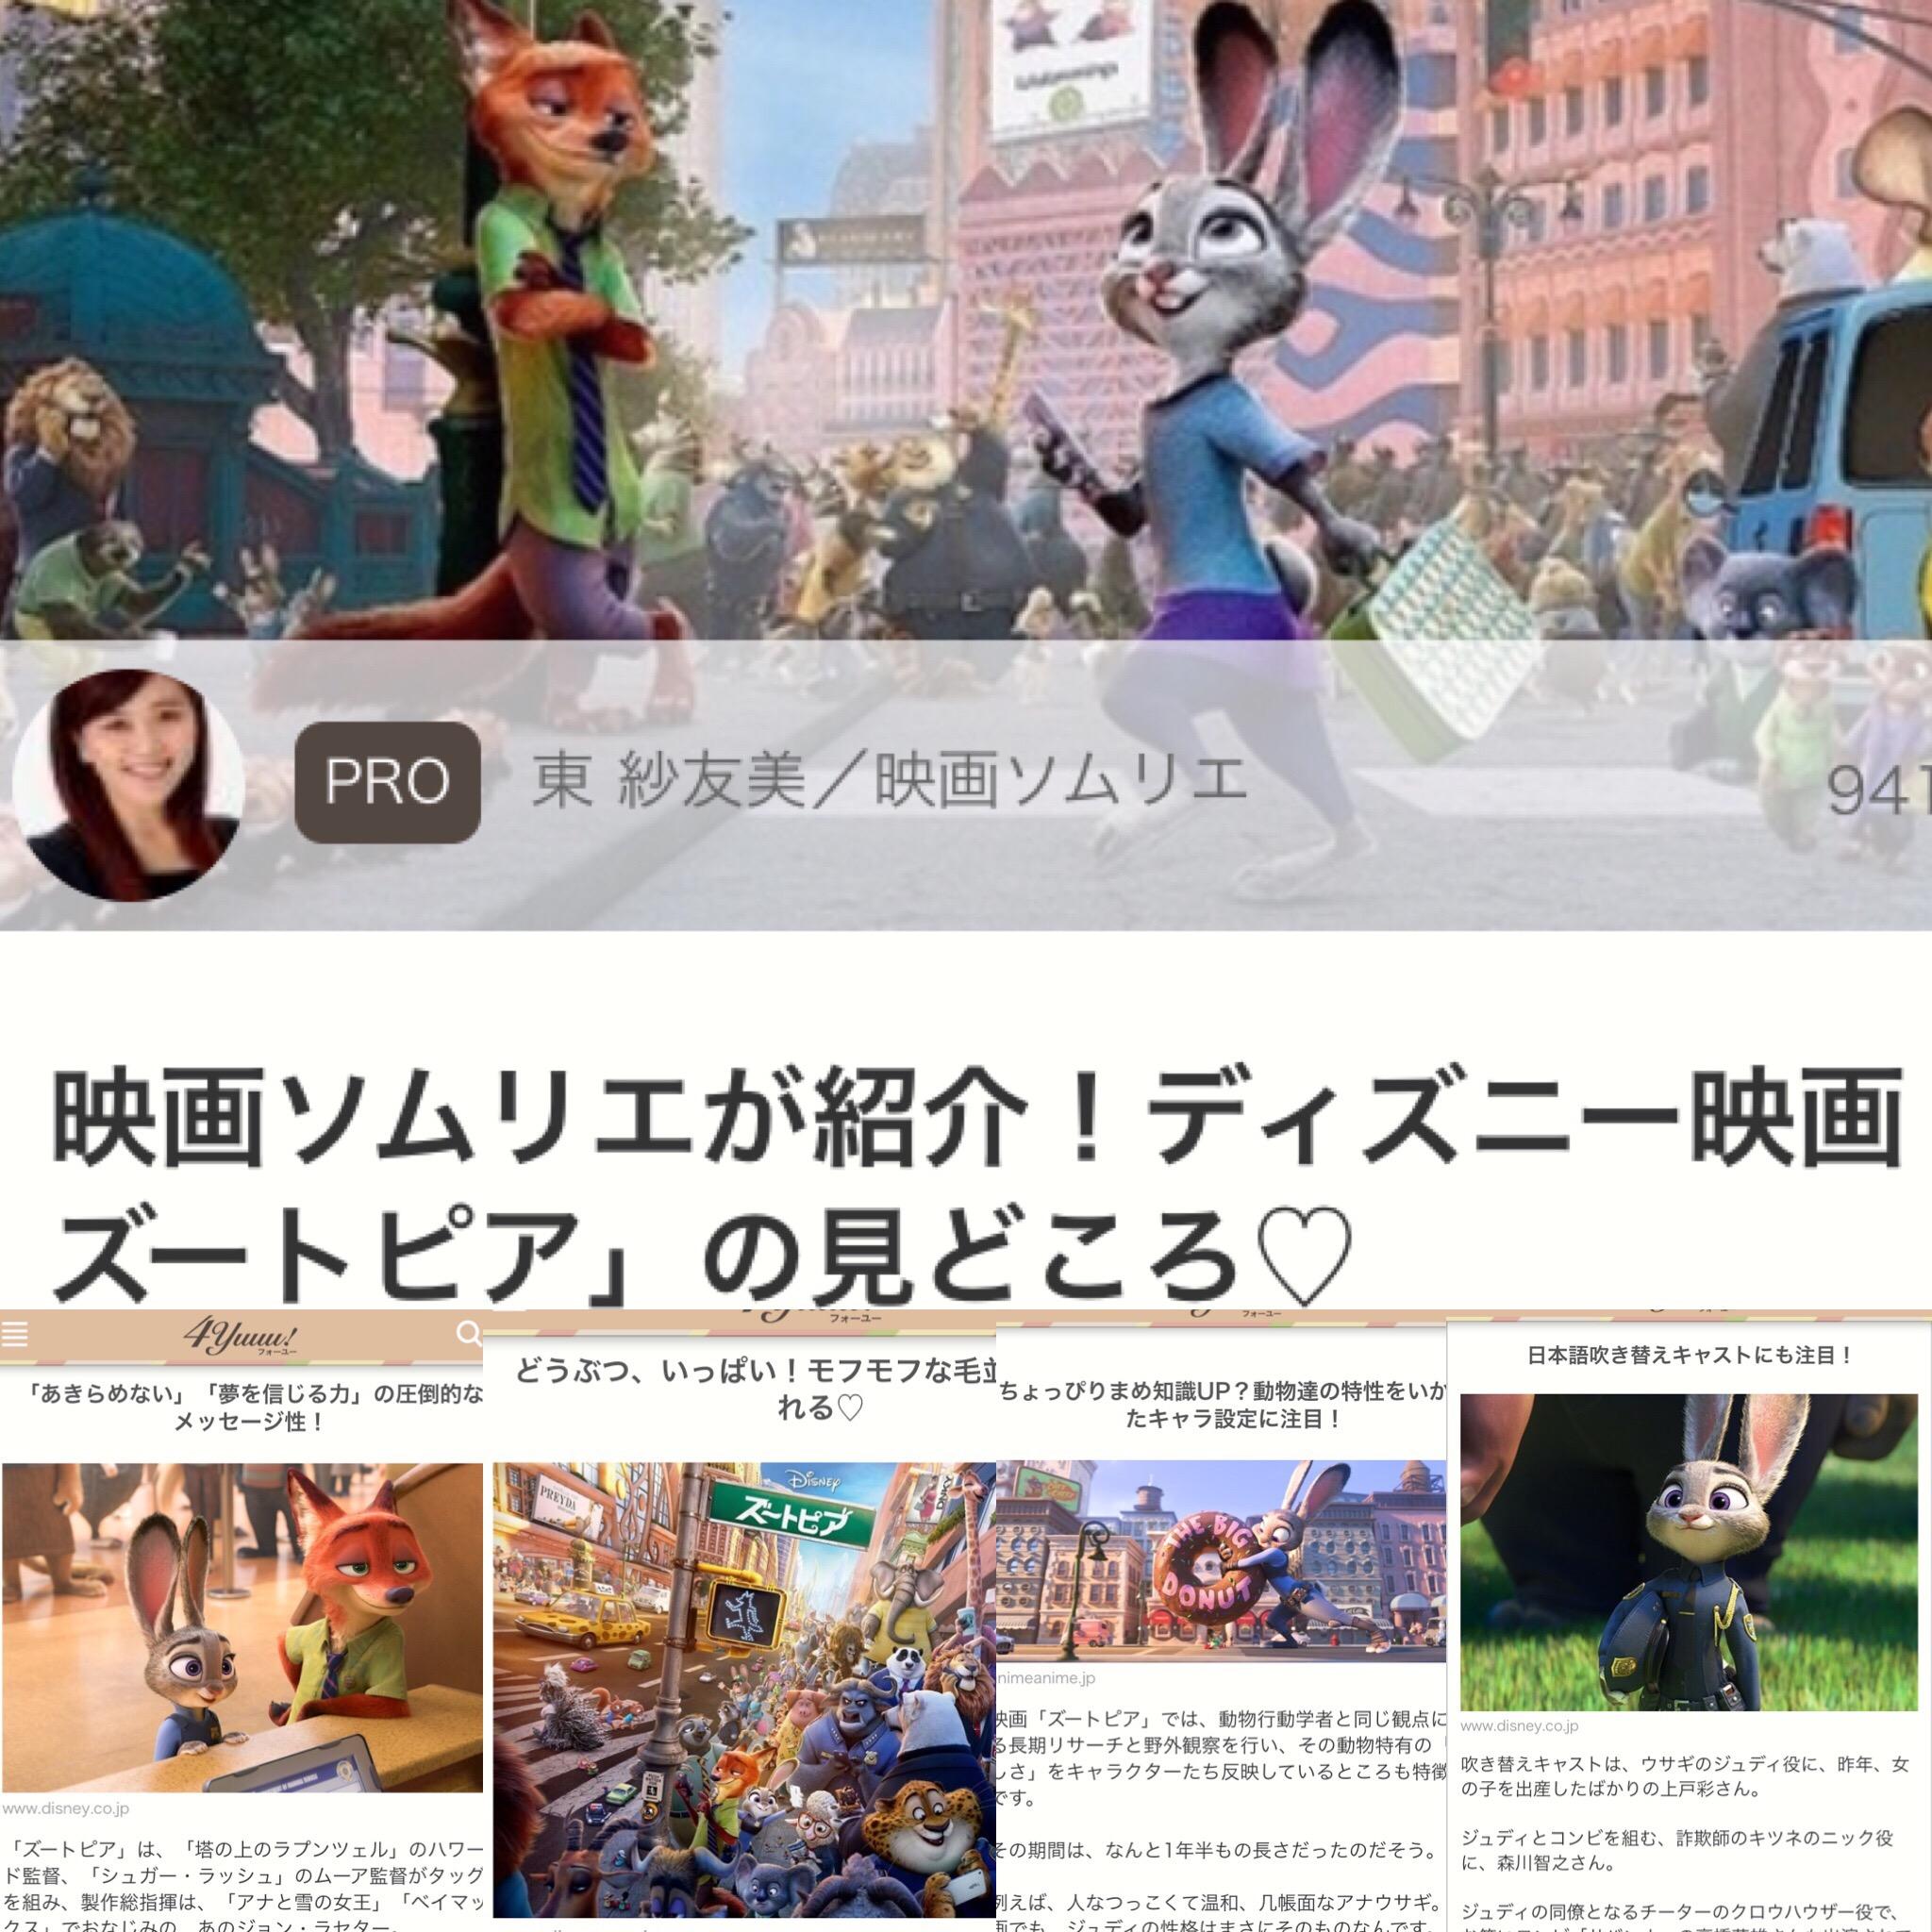 【みどころ紹介】4yuuu!でズートピア紹介記事